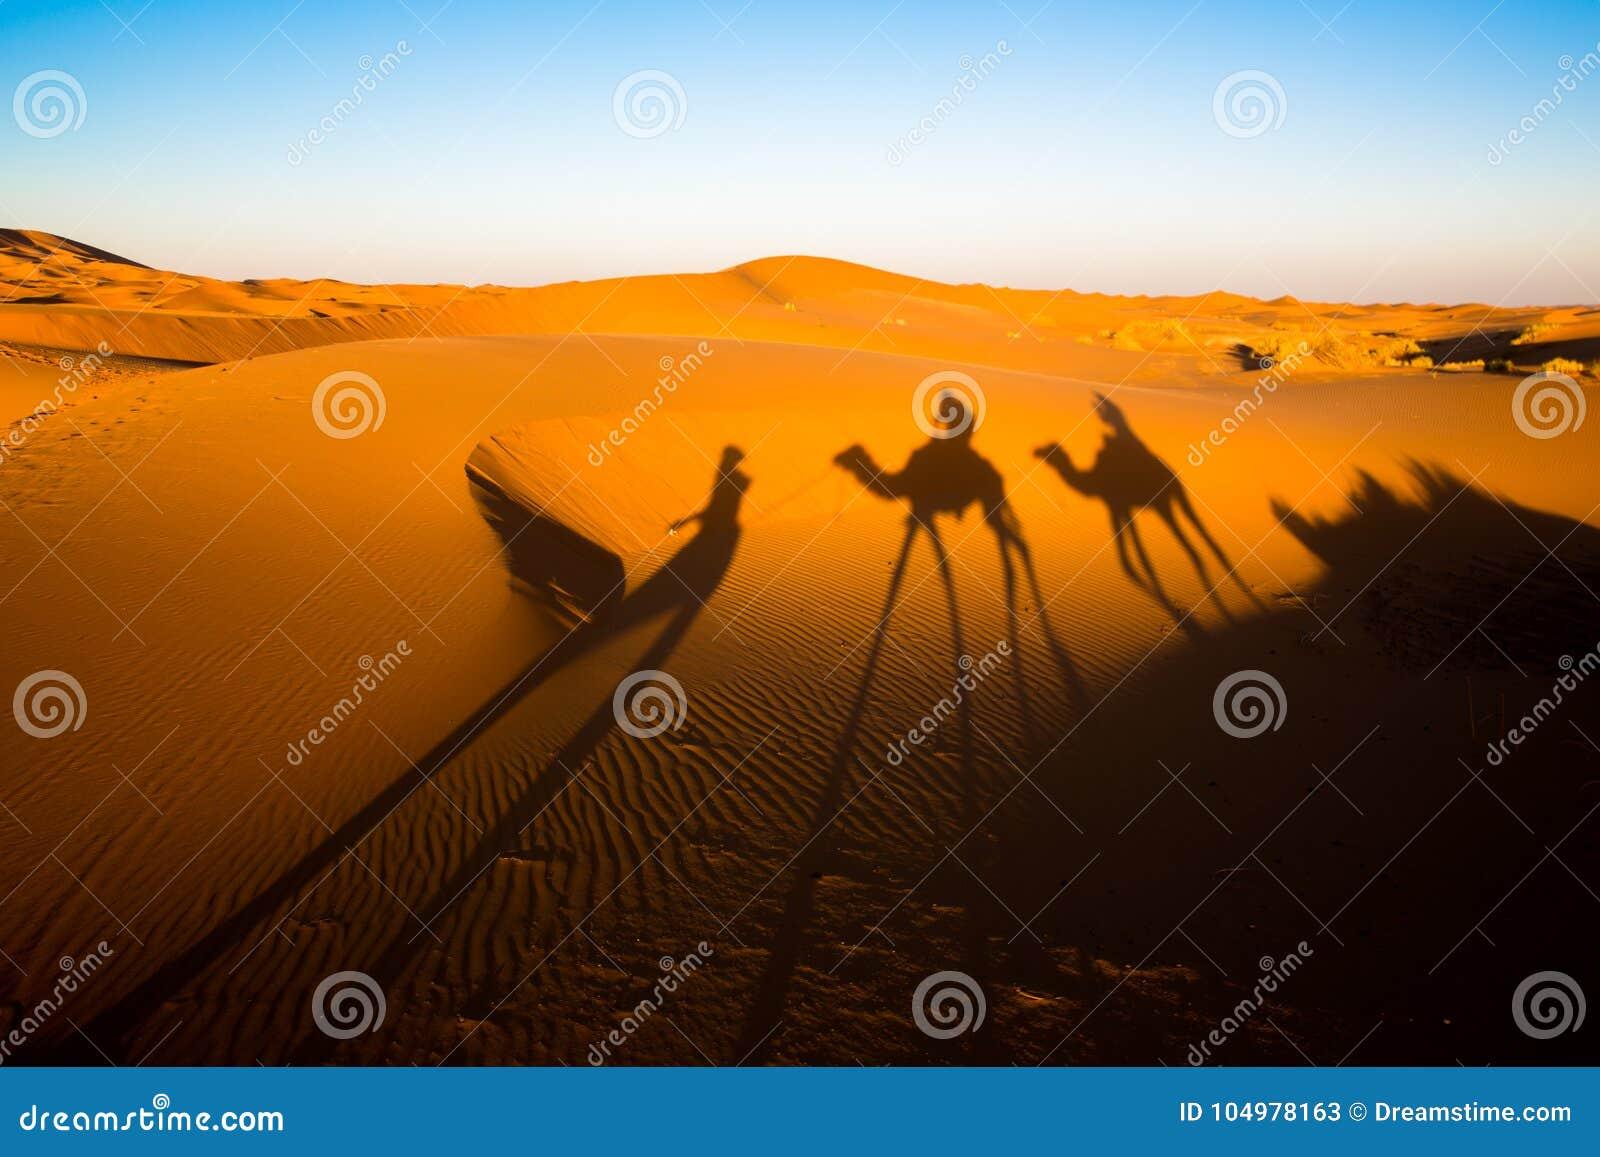 Sombras de la tarde de una caravana del camello en el Sáhara